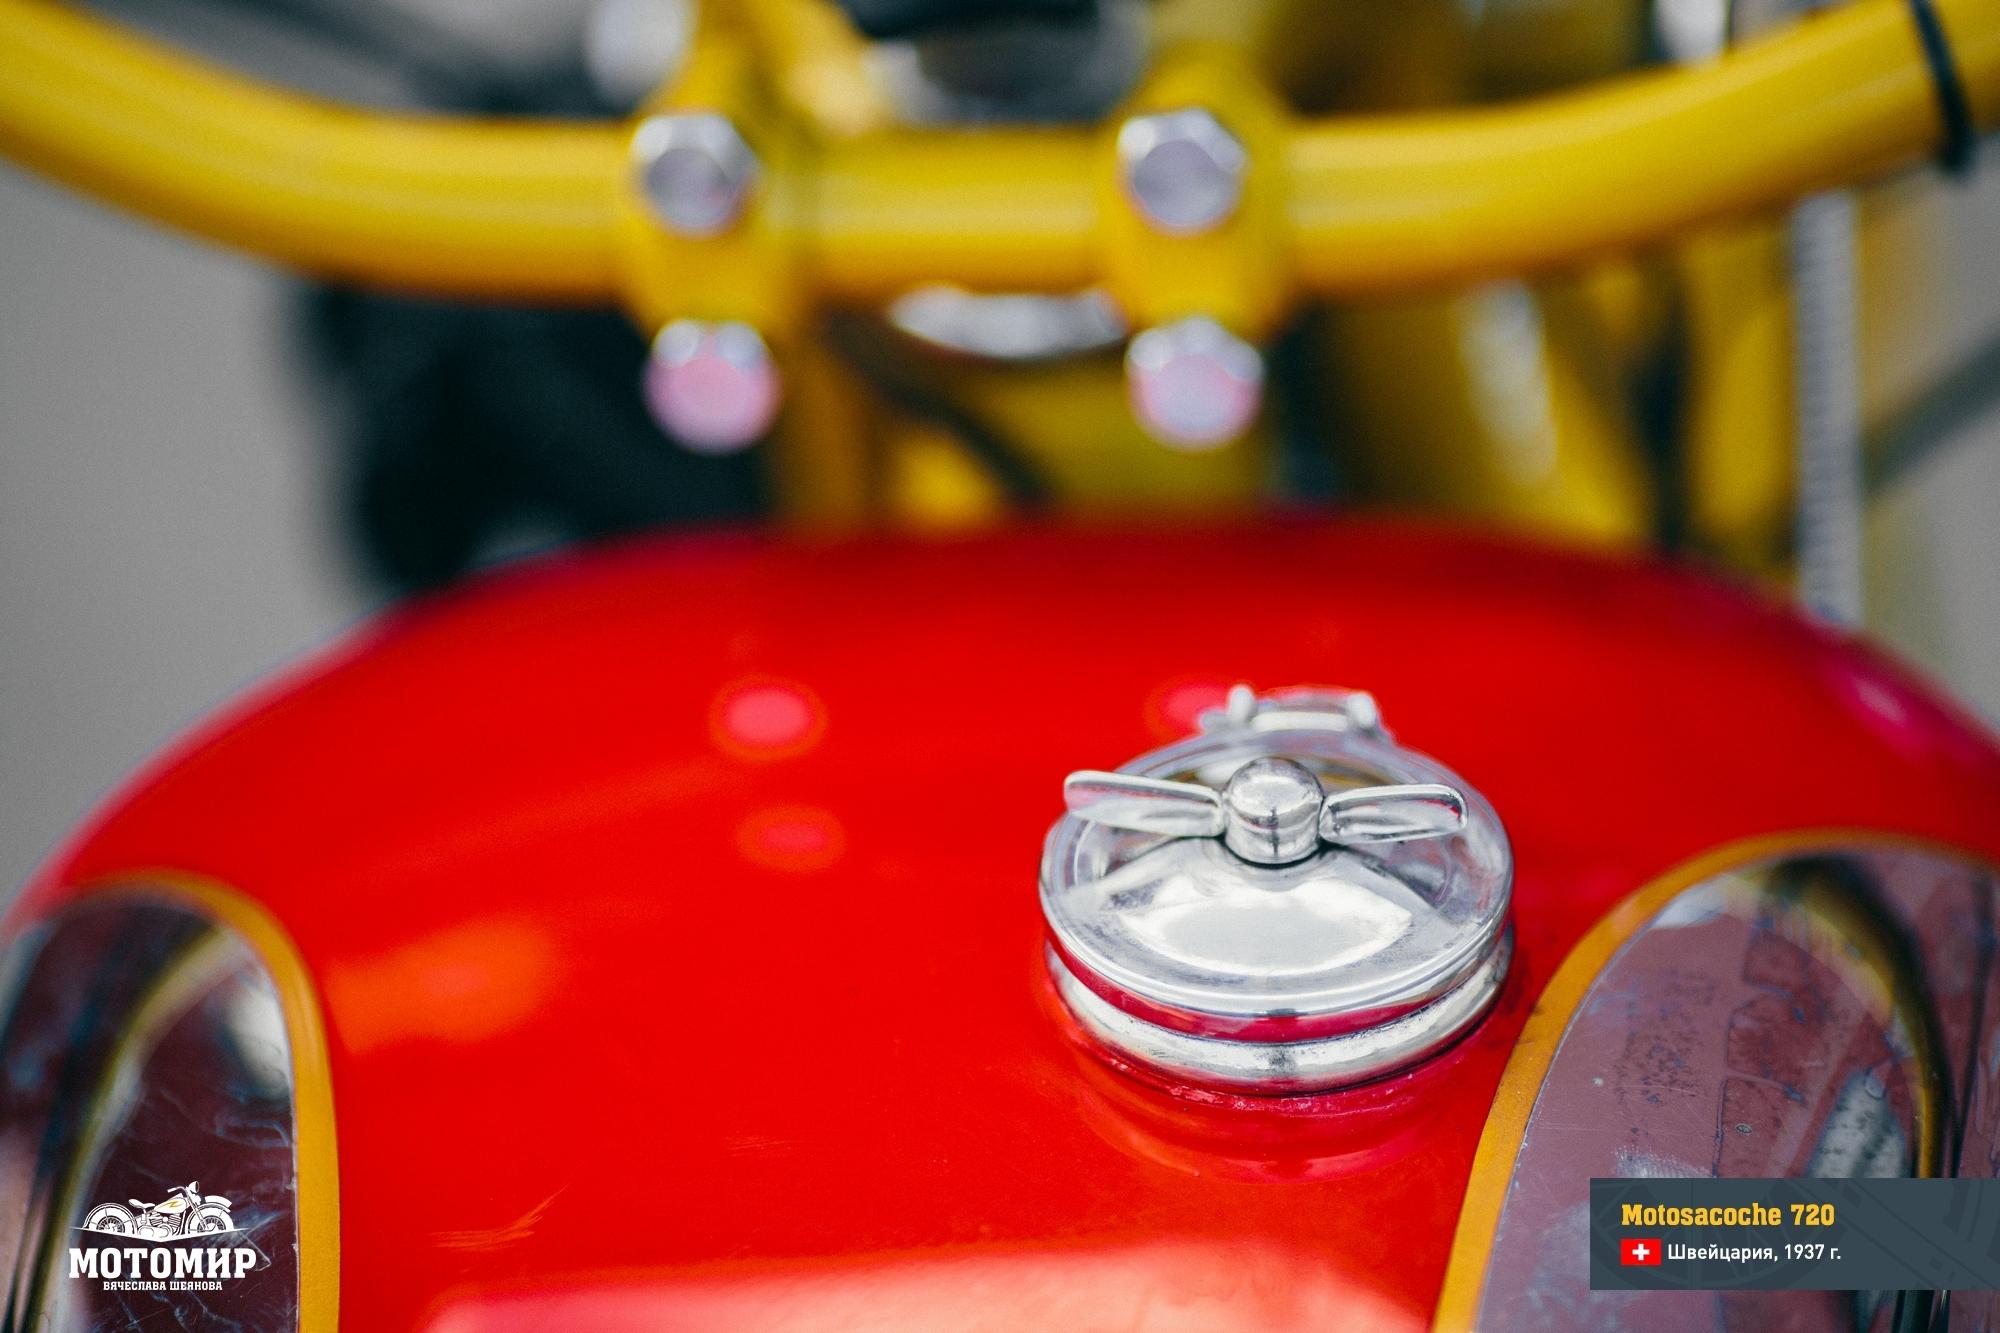 motosacoche-720-201510-web-17